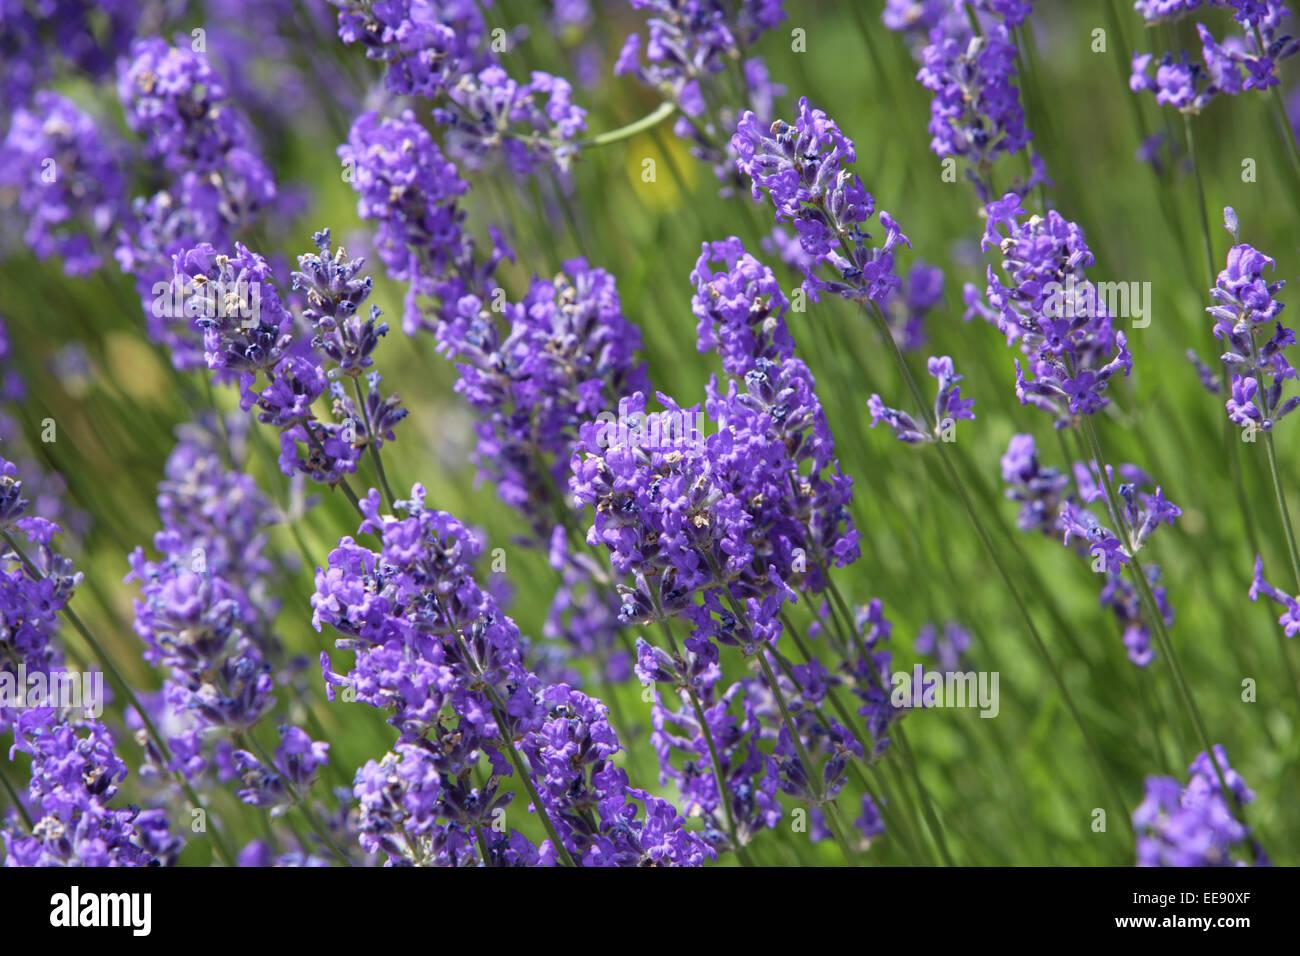 Aroma, Blume, Blumen, Blumengarten, Blueten, Duft, Feld, Garten, Gesundheit, Heilkraeuter, Heilpflanze, Homaeopathie, - Stock Image